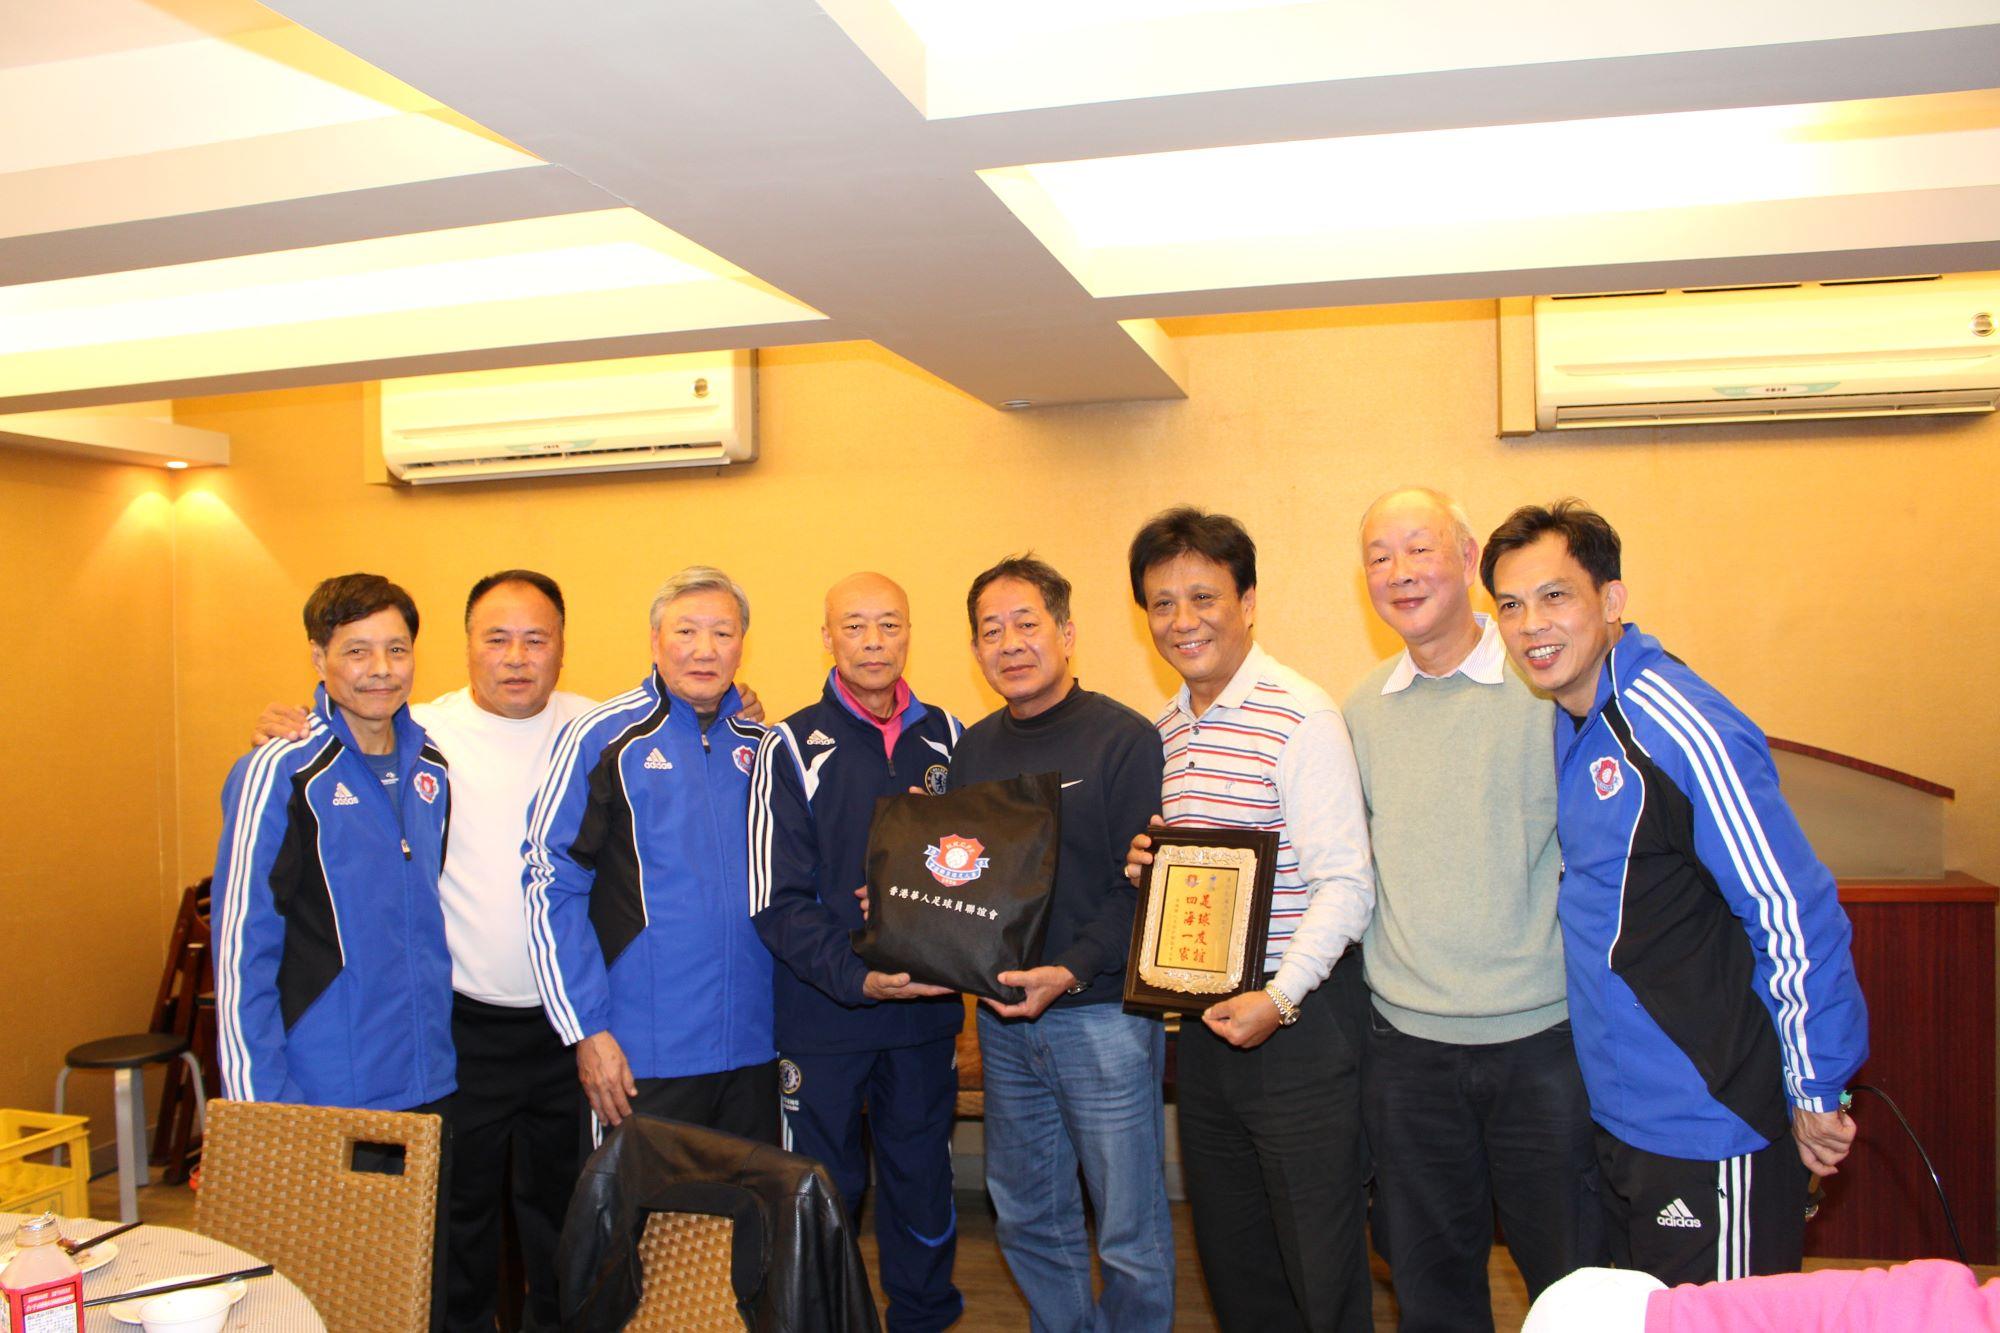 2014 12 13 球員會台灣之旅12